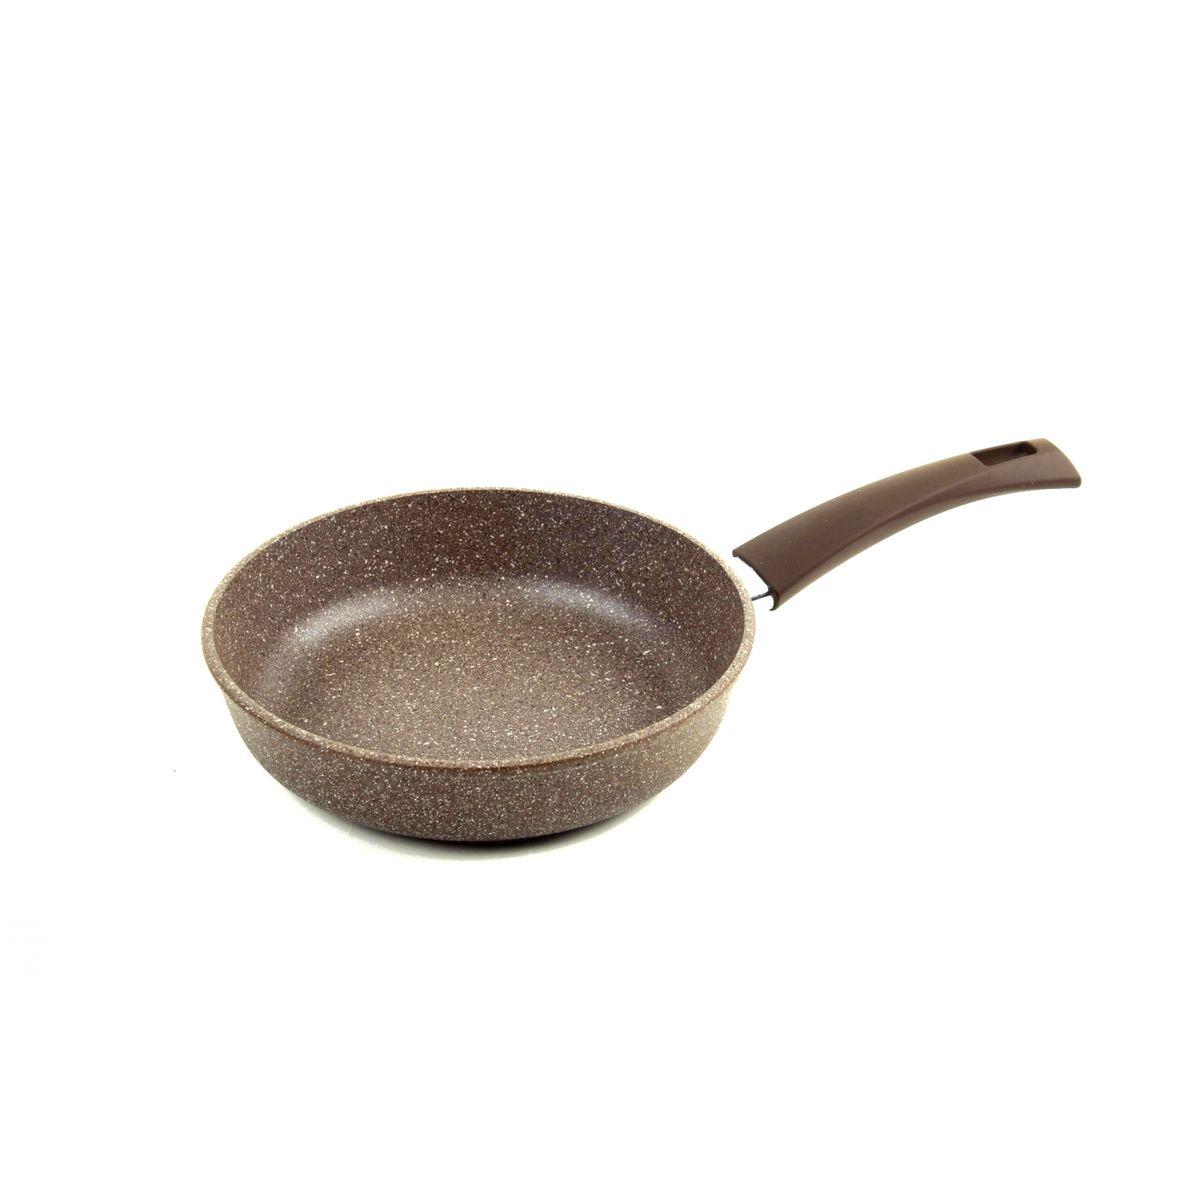 Сковорода Vari Pietra, с антипригарным покрытием. Диаметр 22 смBR31122Сковорода Vari Pietra изготовлена из литого алюминия с утолщенным дном. Изделие имеет внутреннее антипригарное покрытие QuanTanium, усиленное частицами соединений титана, что придает посуде каменную прочность. Литой корпус сковороды обеспечивает равномерное распределение и длительное сохранение тепла, что позволяет готовить блюда любой сложности.Сковорода снабжена эргономичной пластиковой ручкой с покрытием Soft-Touch.Изделие подходит для газовых, электрических и стеклокерамических плит.Высота стенки: 4,5 см. Диаметр по верхнему краю: 22 см. Толщина стенки: 4,5 мм.Толщина дна: 6 мм.